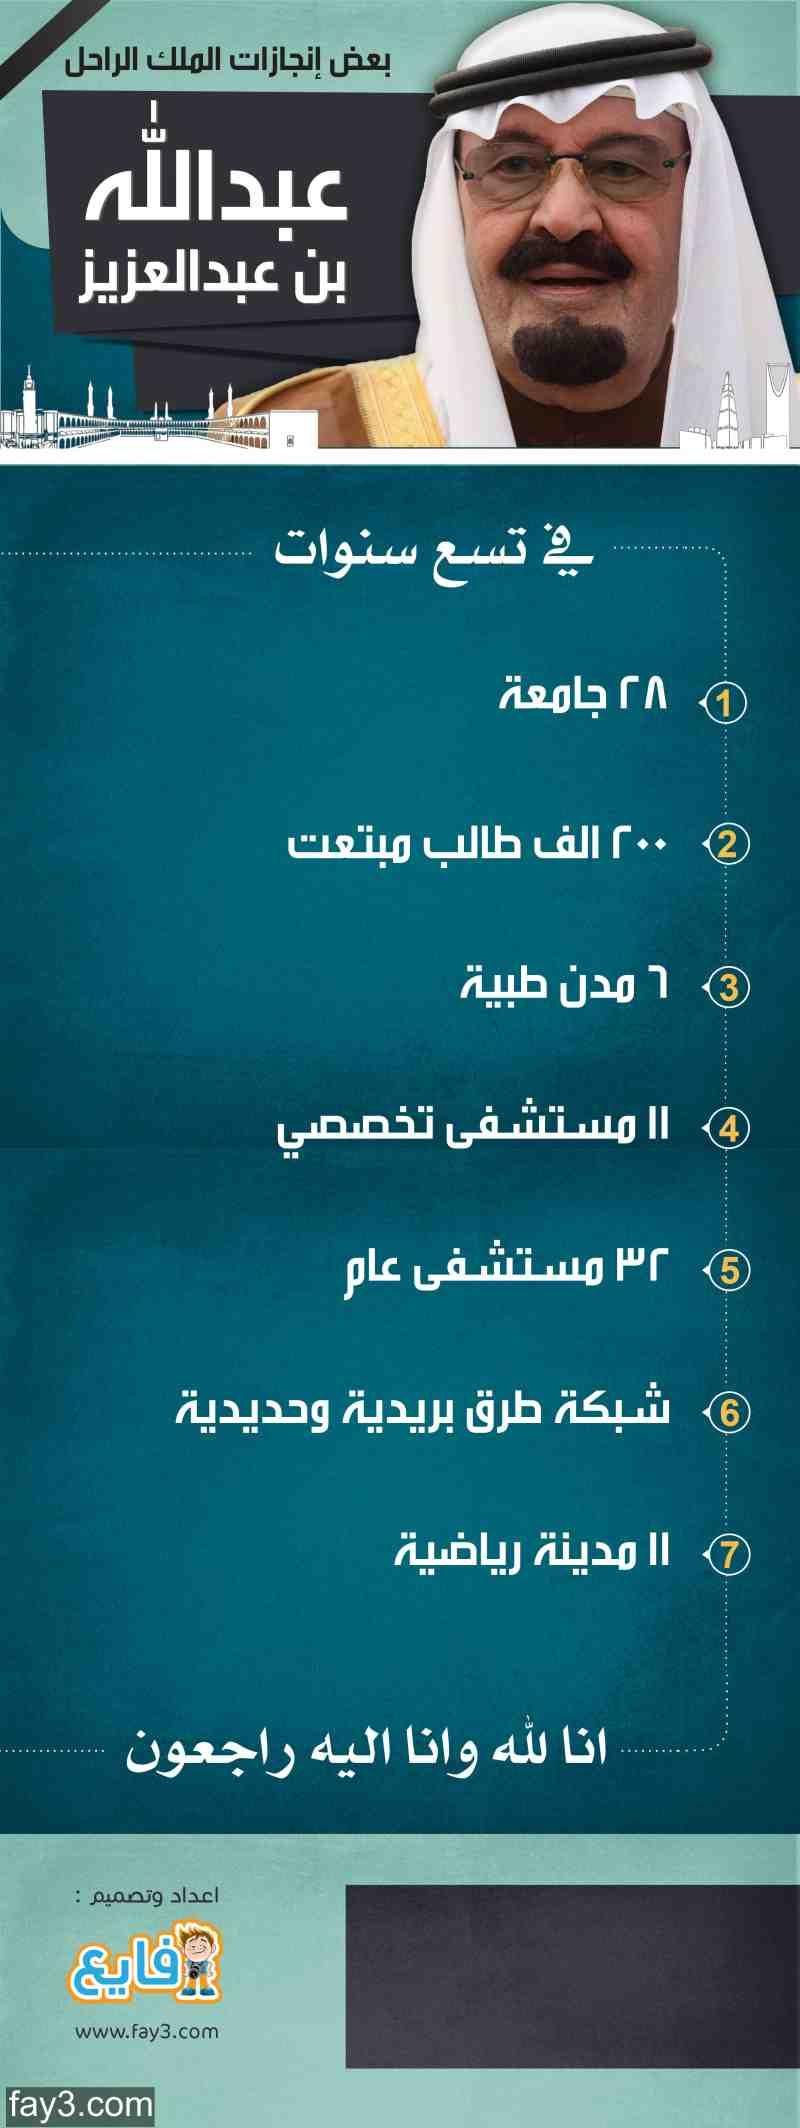 بعض إنجازات الملك الراحل عبدالله بن عبدالعزيز رحمه الله السعودية انفوجرافيك Death